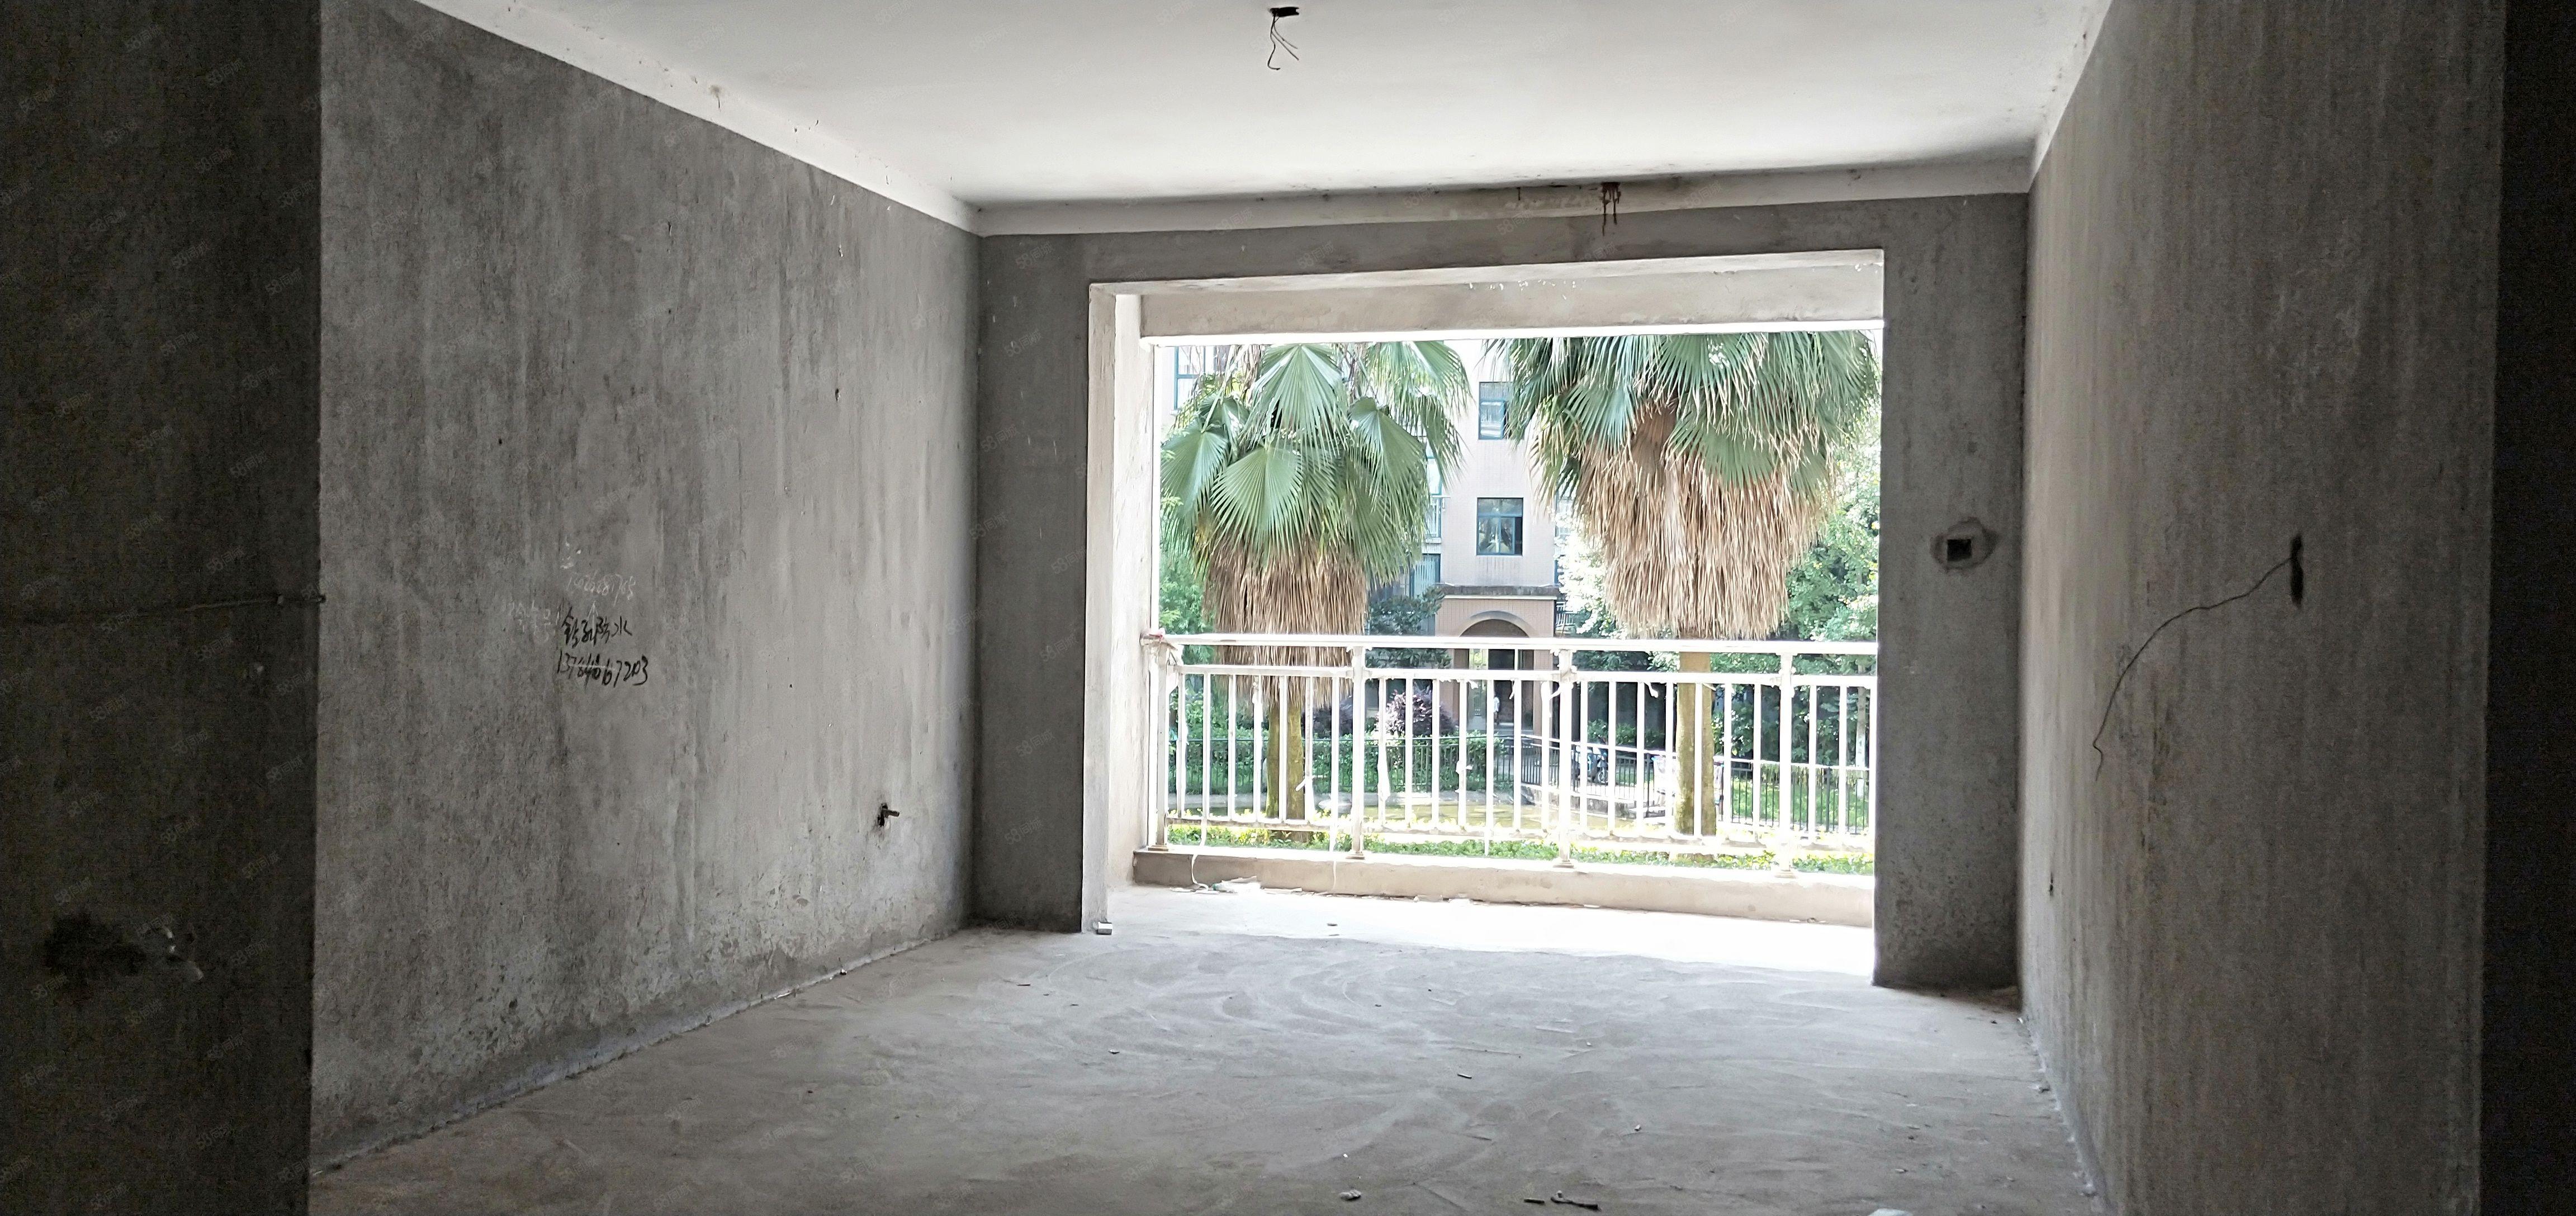 东门阳光新城翠堤湾附近绿化好御景东方大气三房急售